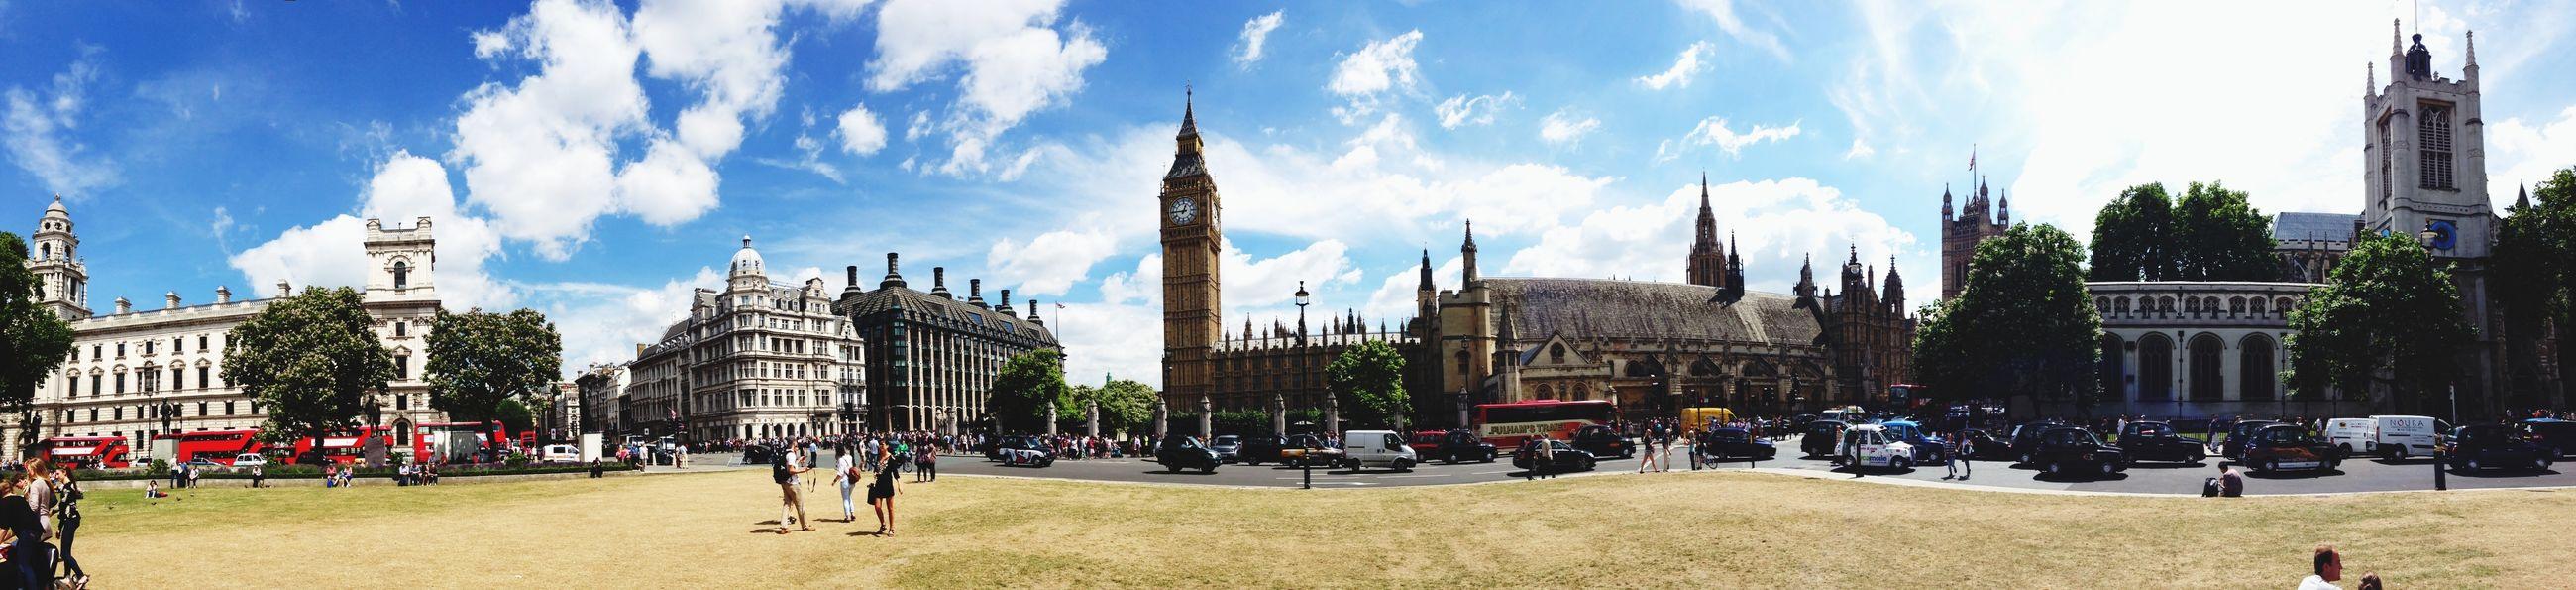 Big Ben London Tour Panorama